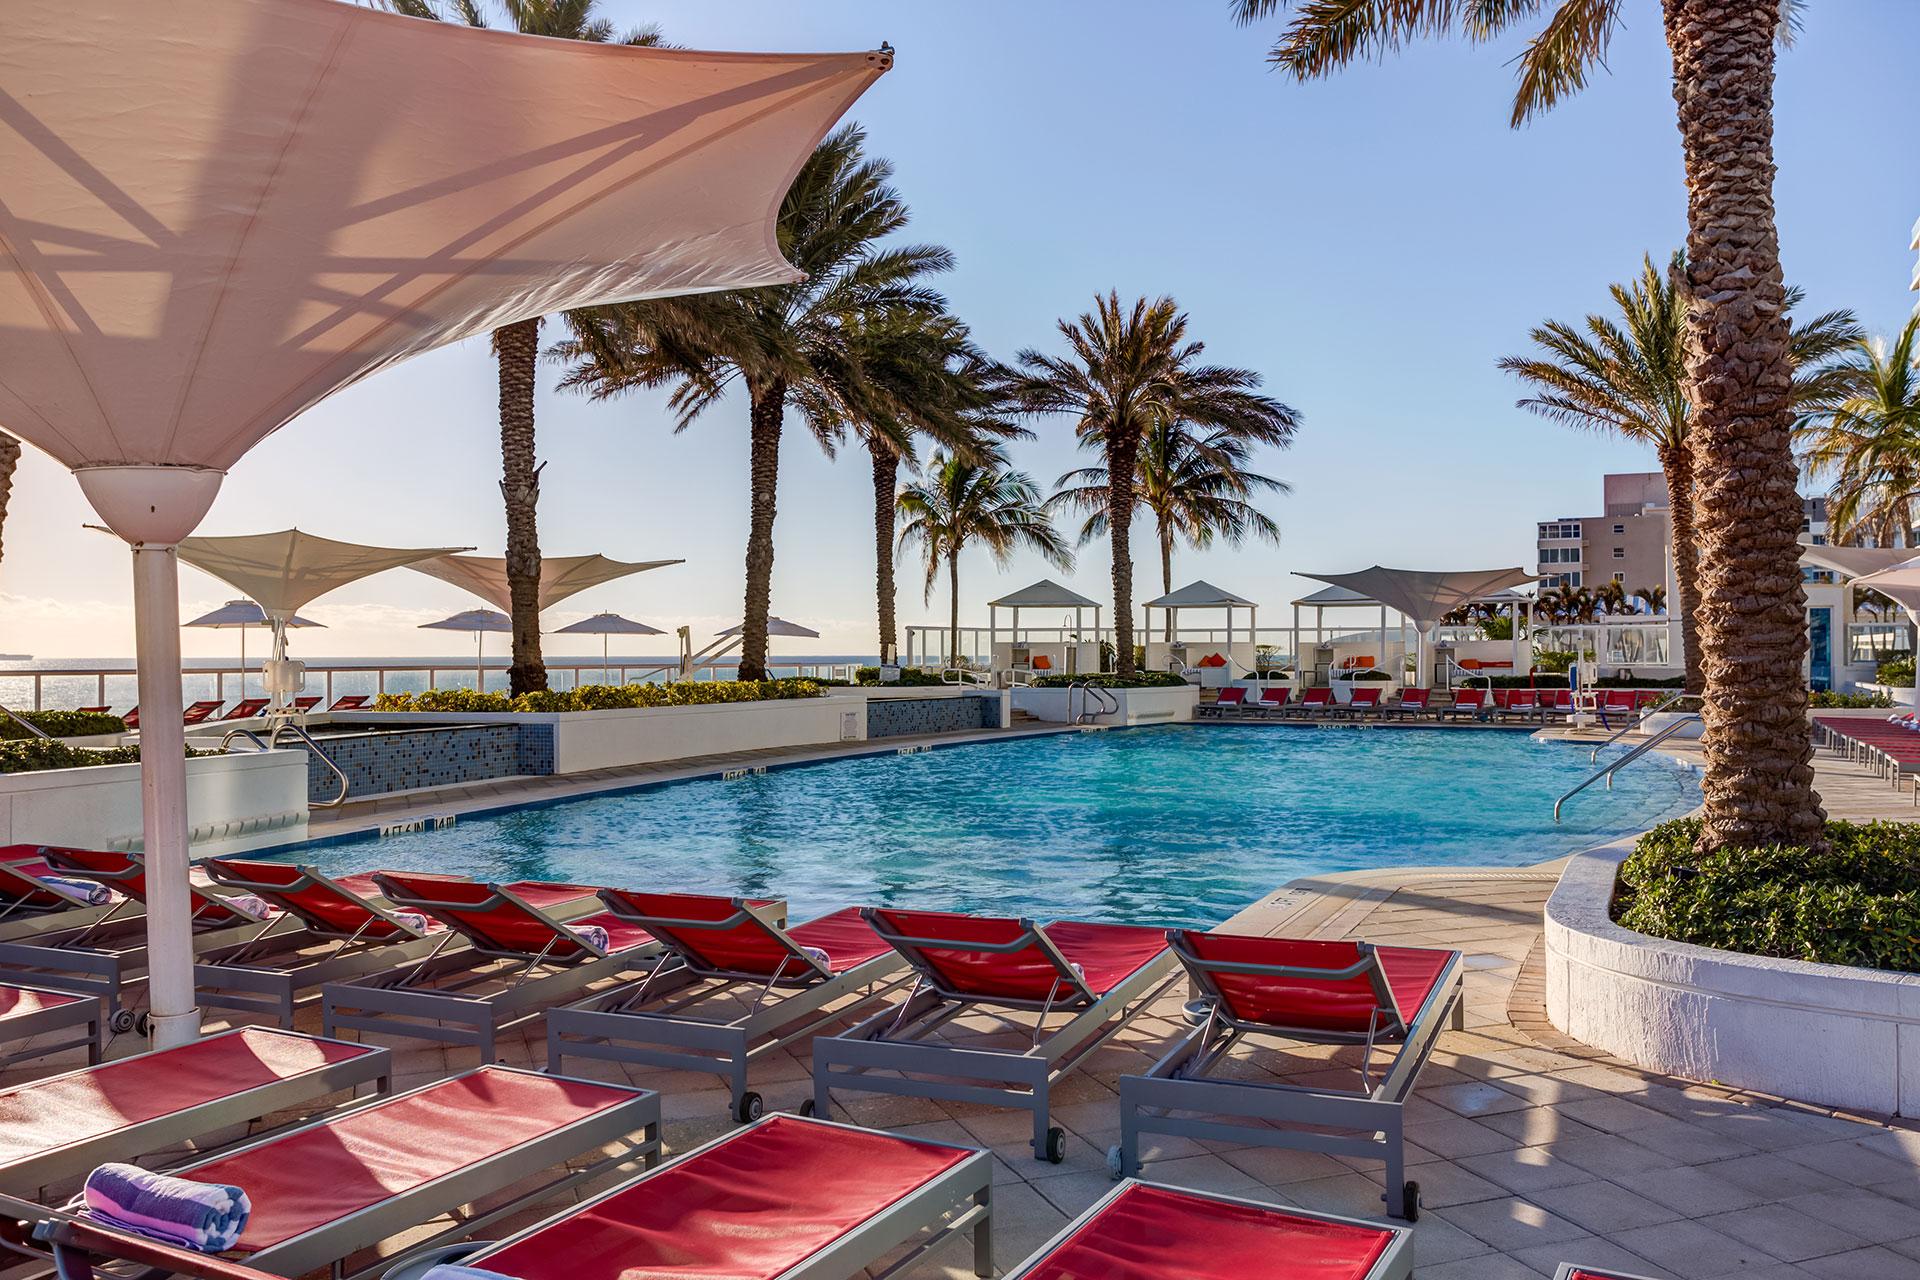 Pool at Hilton Fort Lauderdale Beach Resort; Courtesy of Hilton Fort Lauderdale Beach Resort